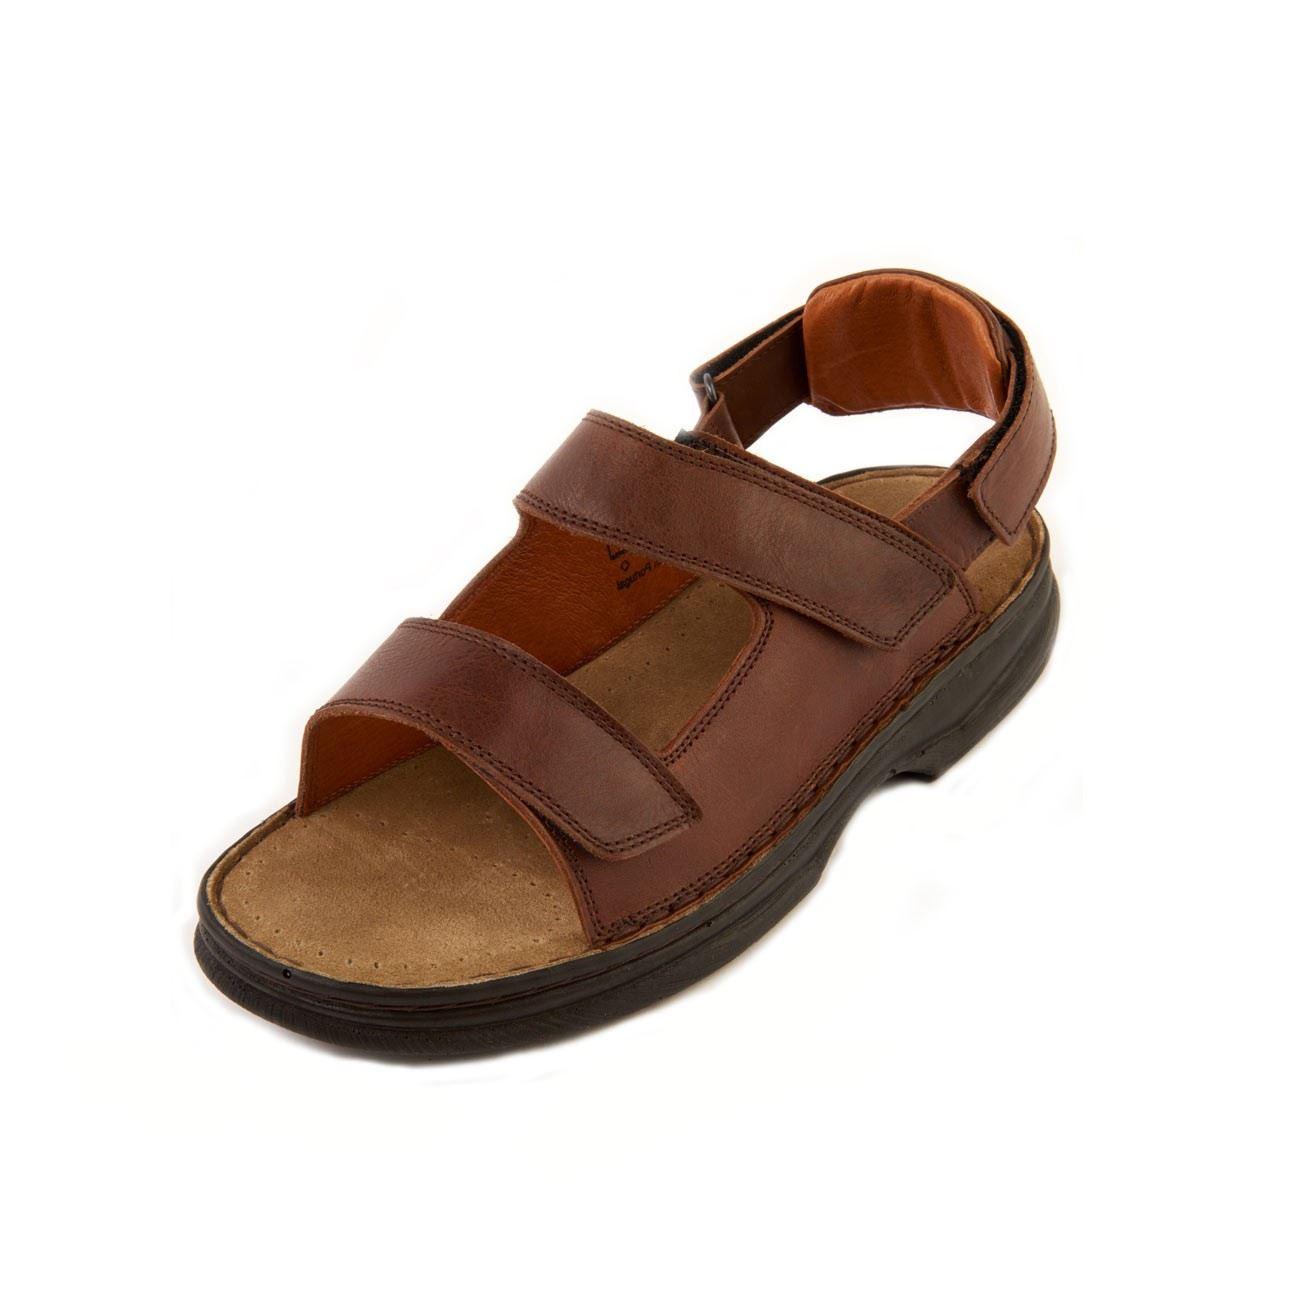 Billig gute Qualität Sandpiper Men's Sandal 'Nick'